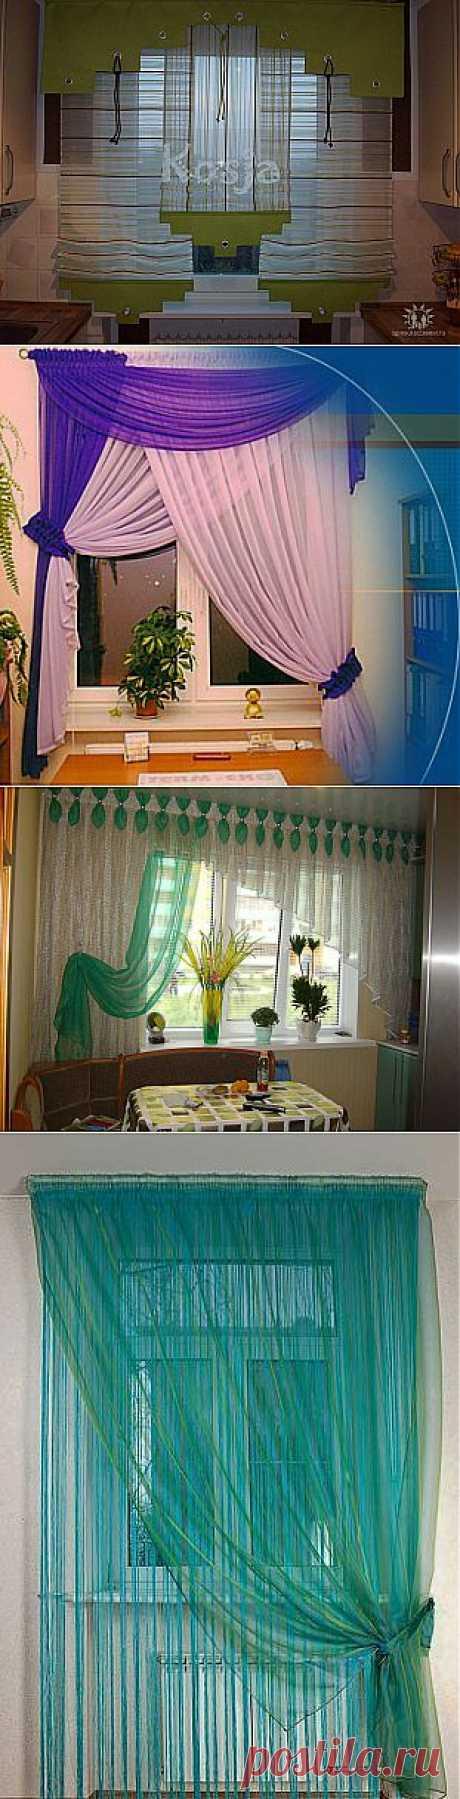 Короткие шторы:для бюро или кухни. Куча вариантов..